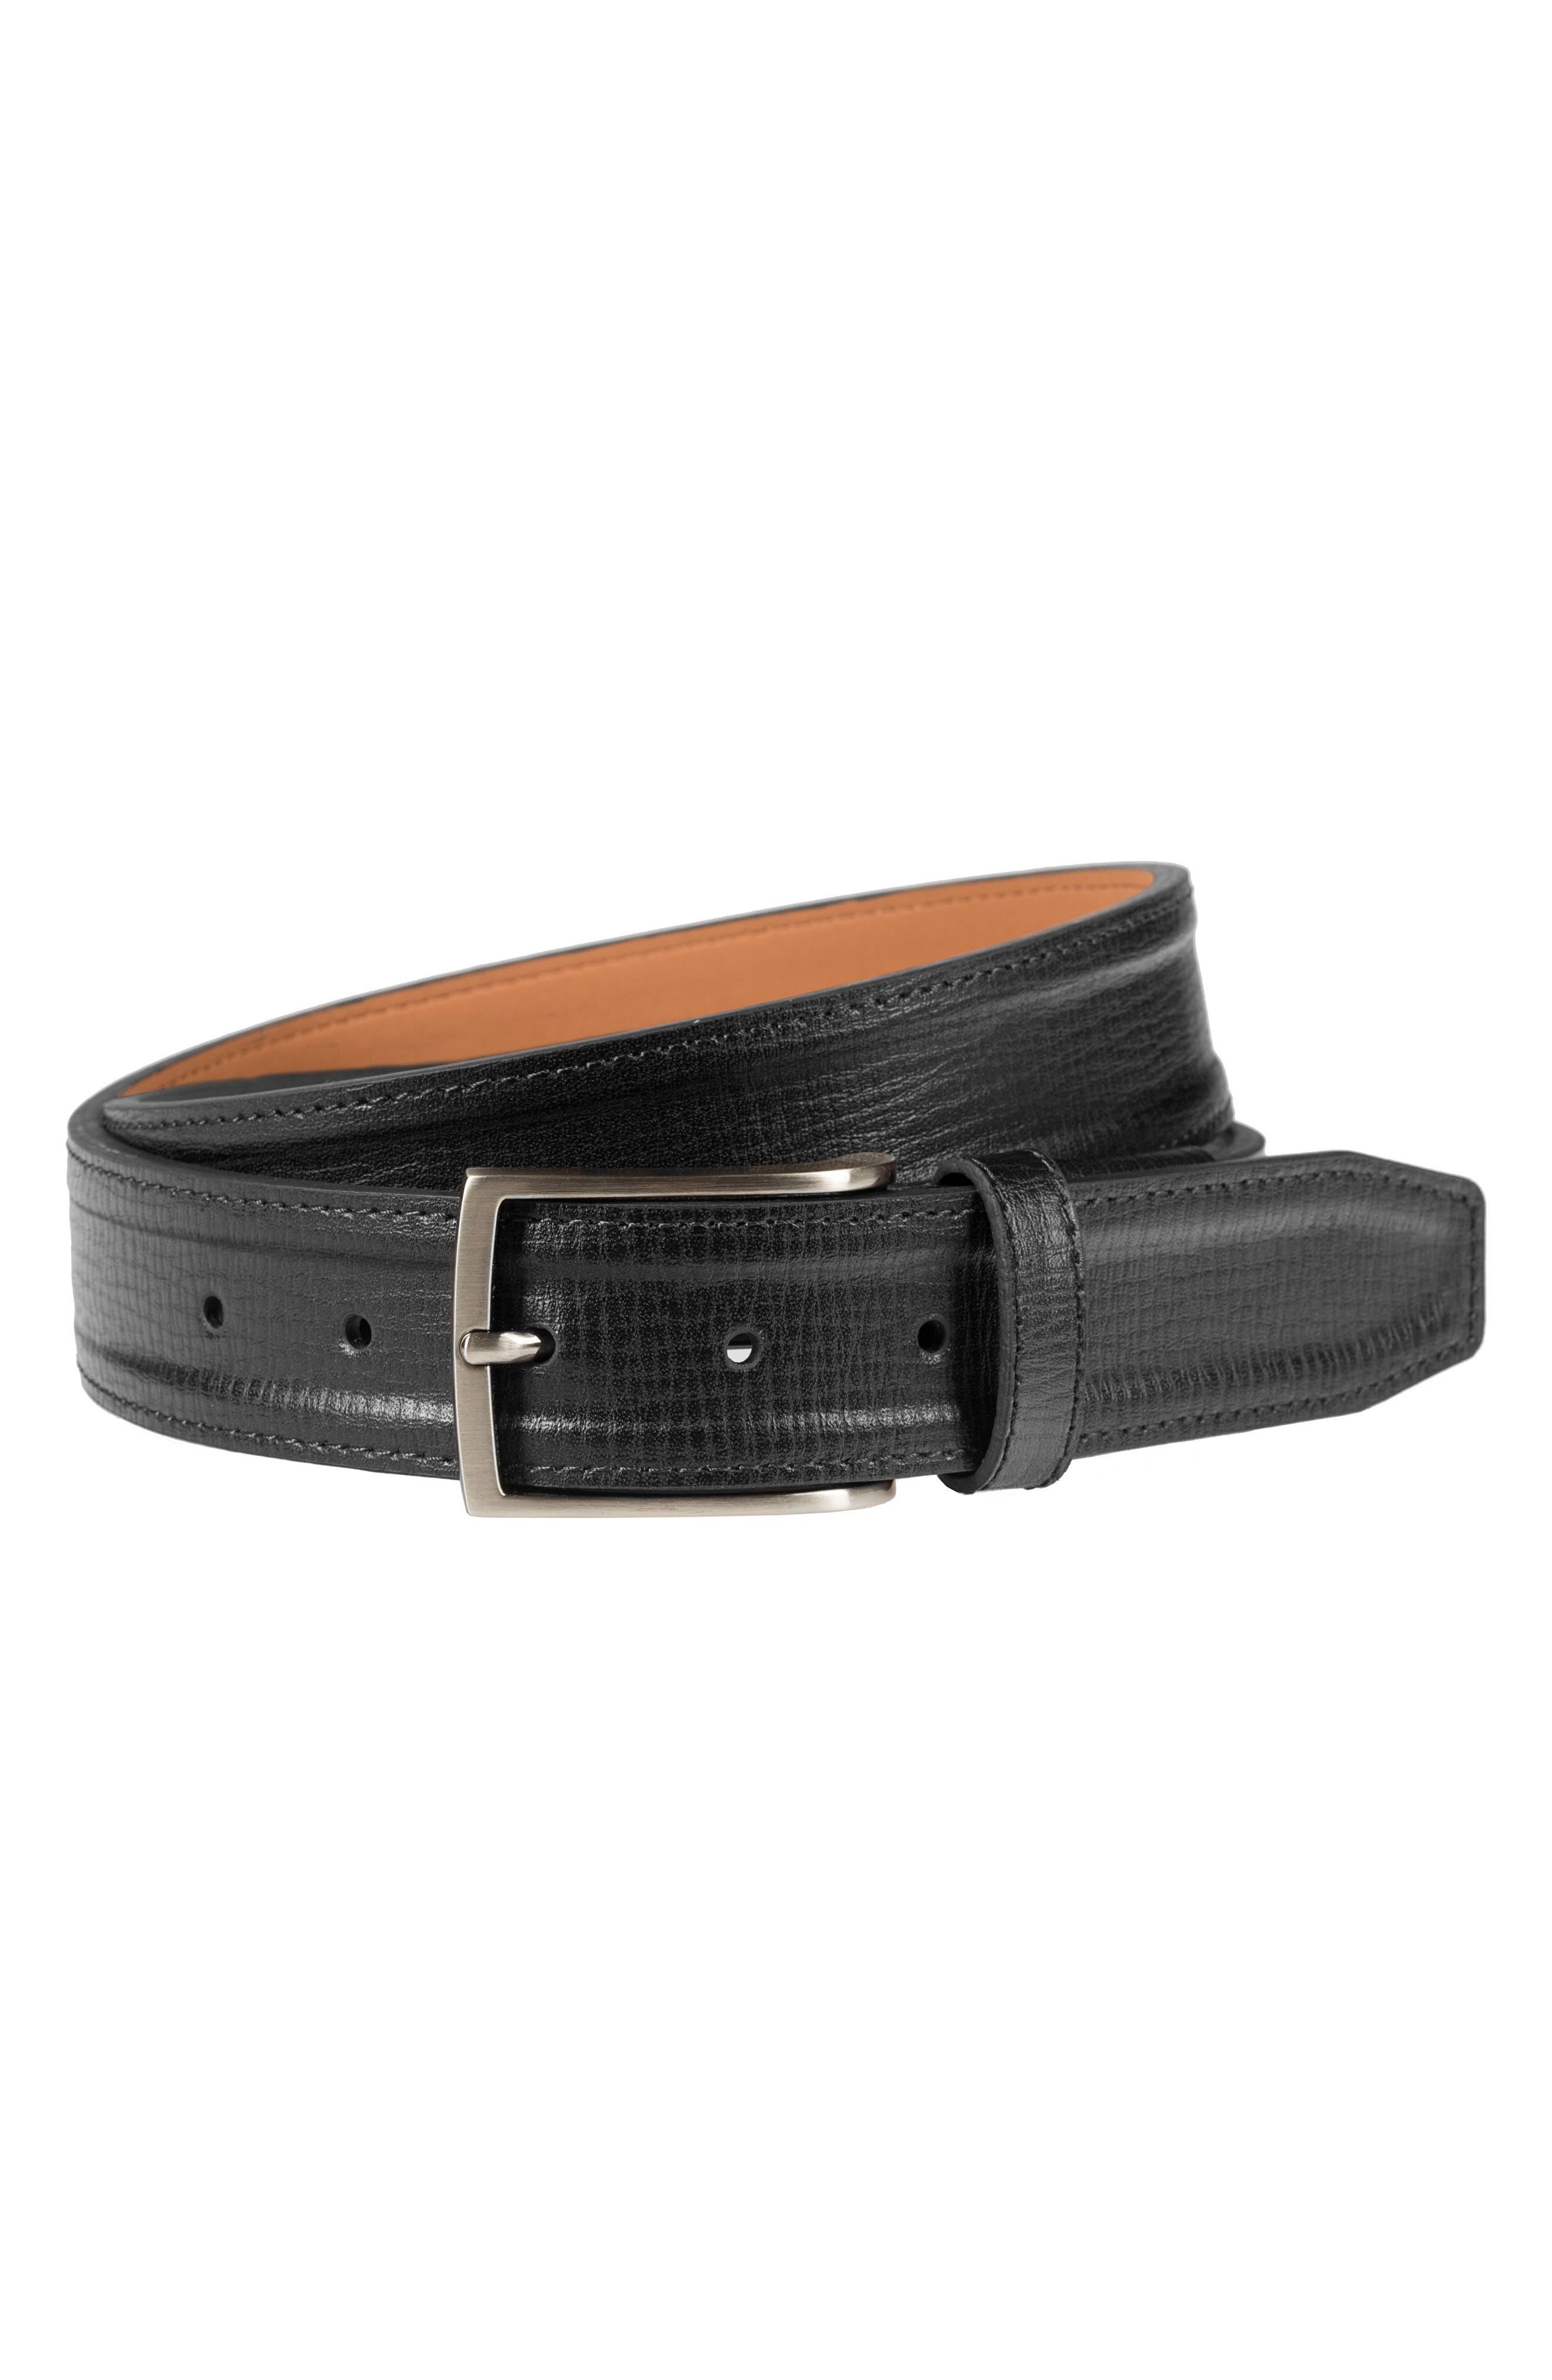 Main Image - Nike Trapunto G Flex Leather Belt